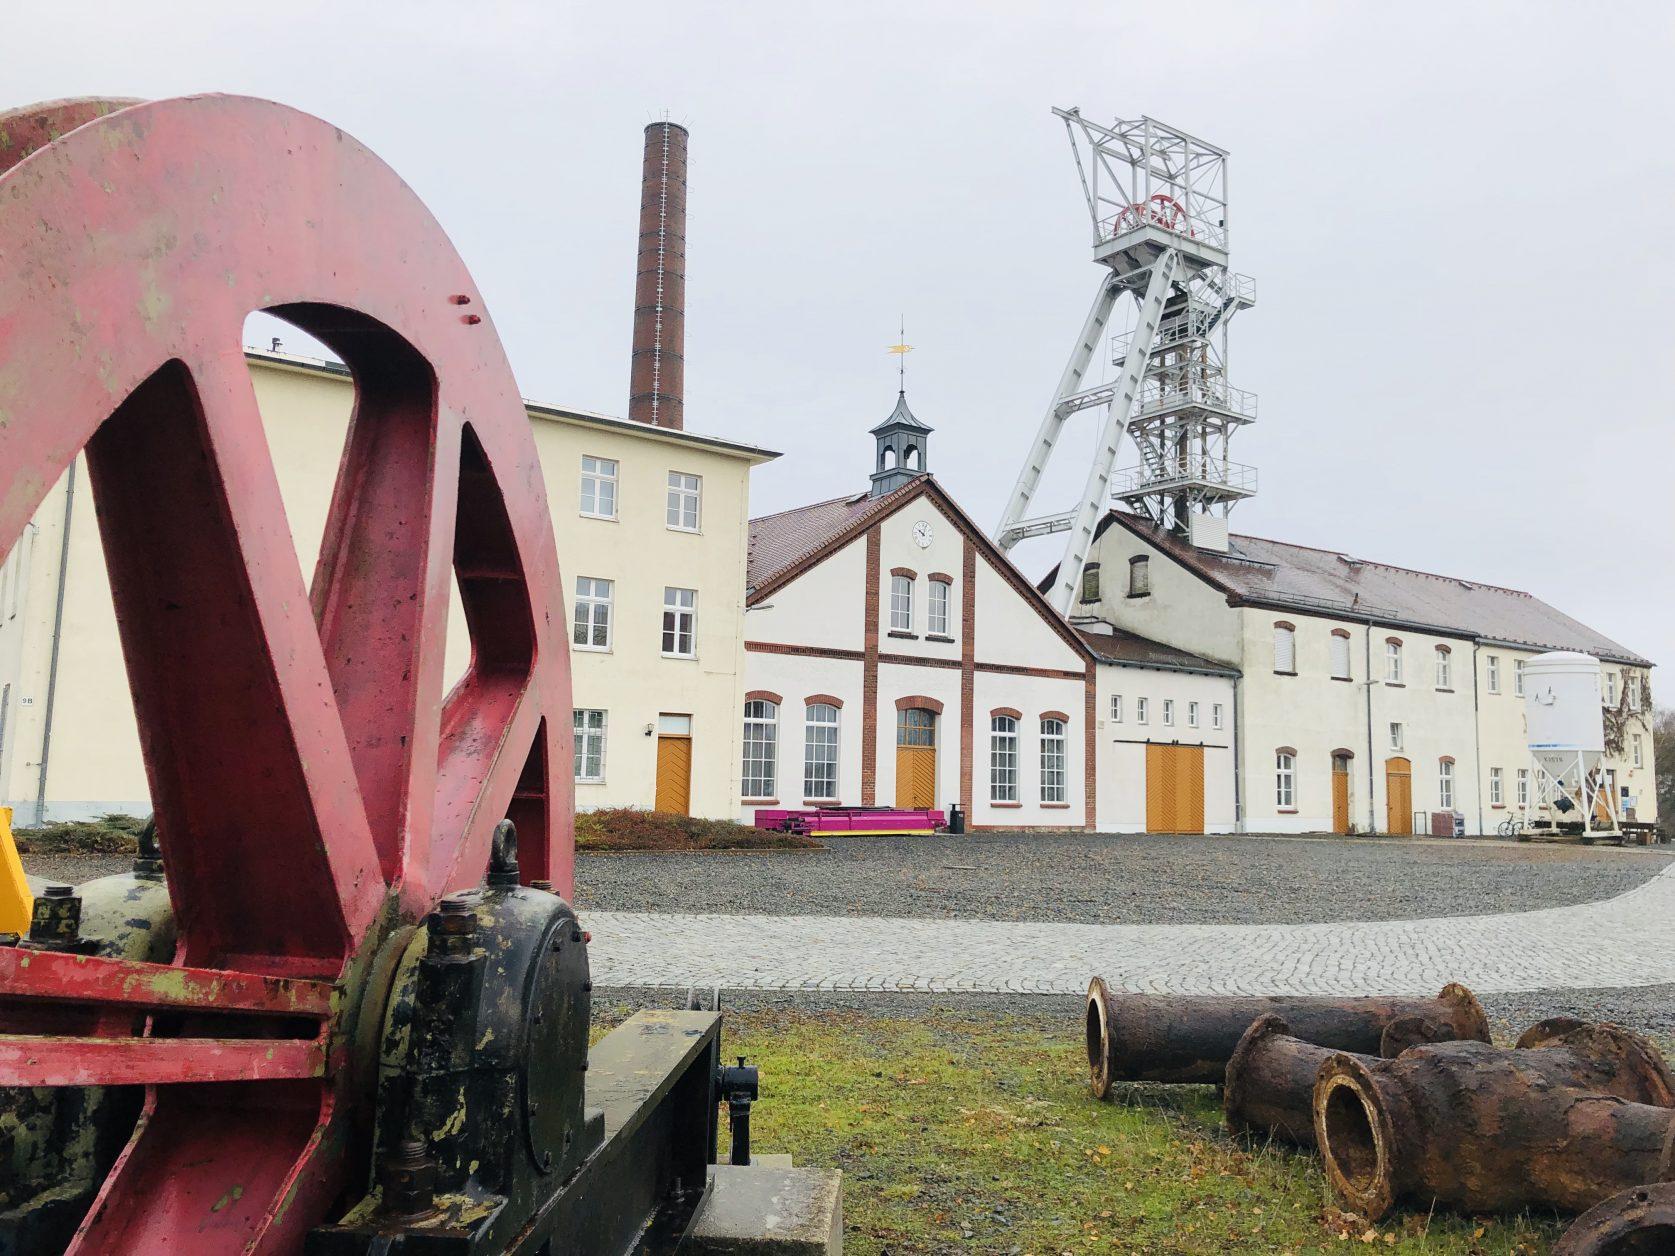 Blick auf das Lehr- und Besucherbergwerk Reiche Zeche am Rande von Freiberg, Foto: Weirauch